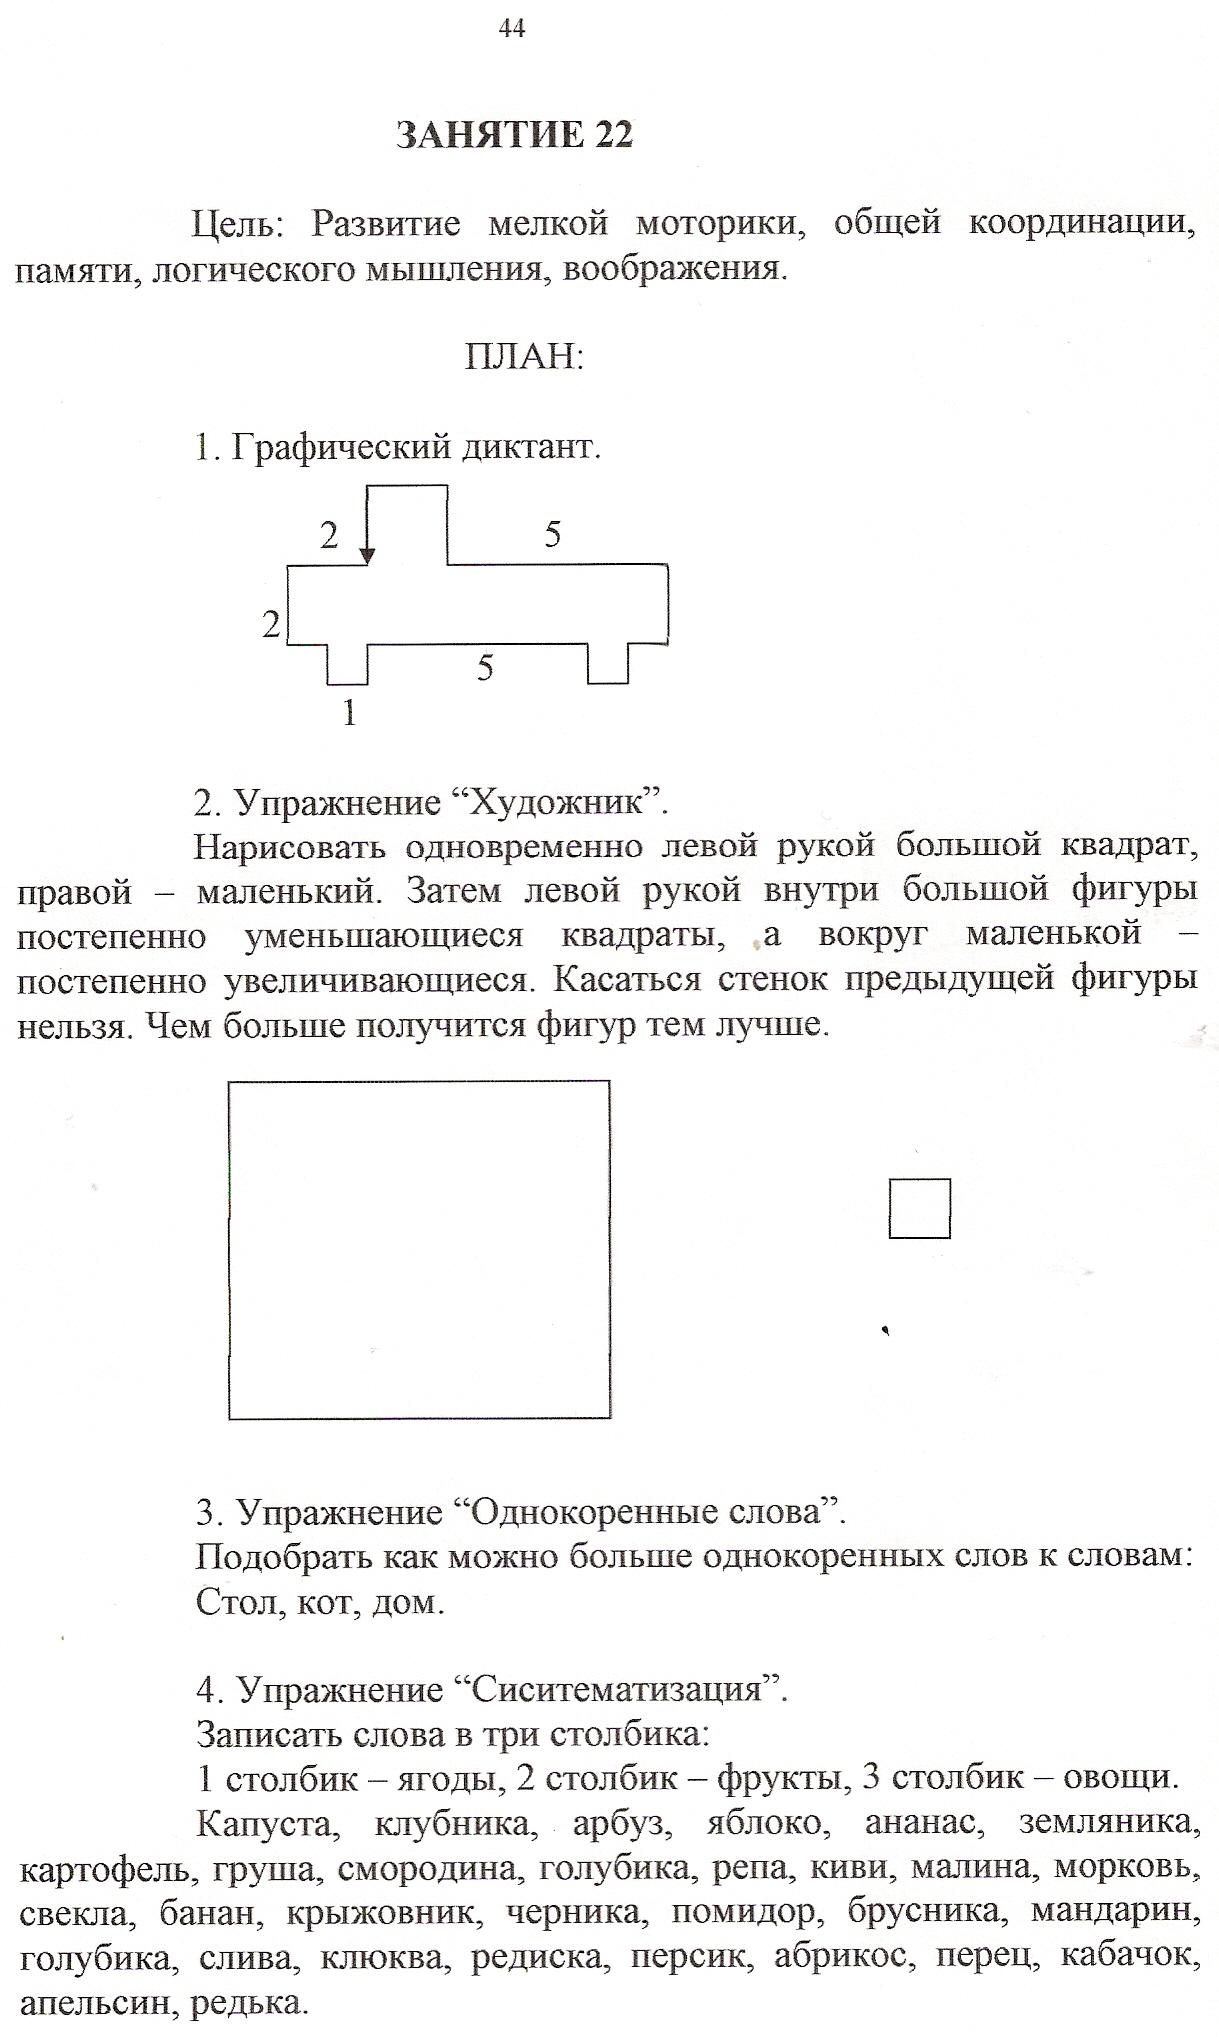 C:\Documents and Settings\Admin\Мои документы\Мои сканированные изображения\2011-03 (мар)\сканирование0004.jpg